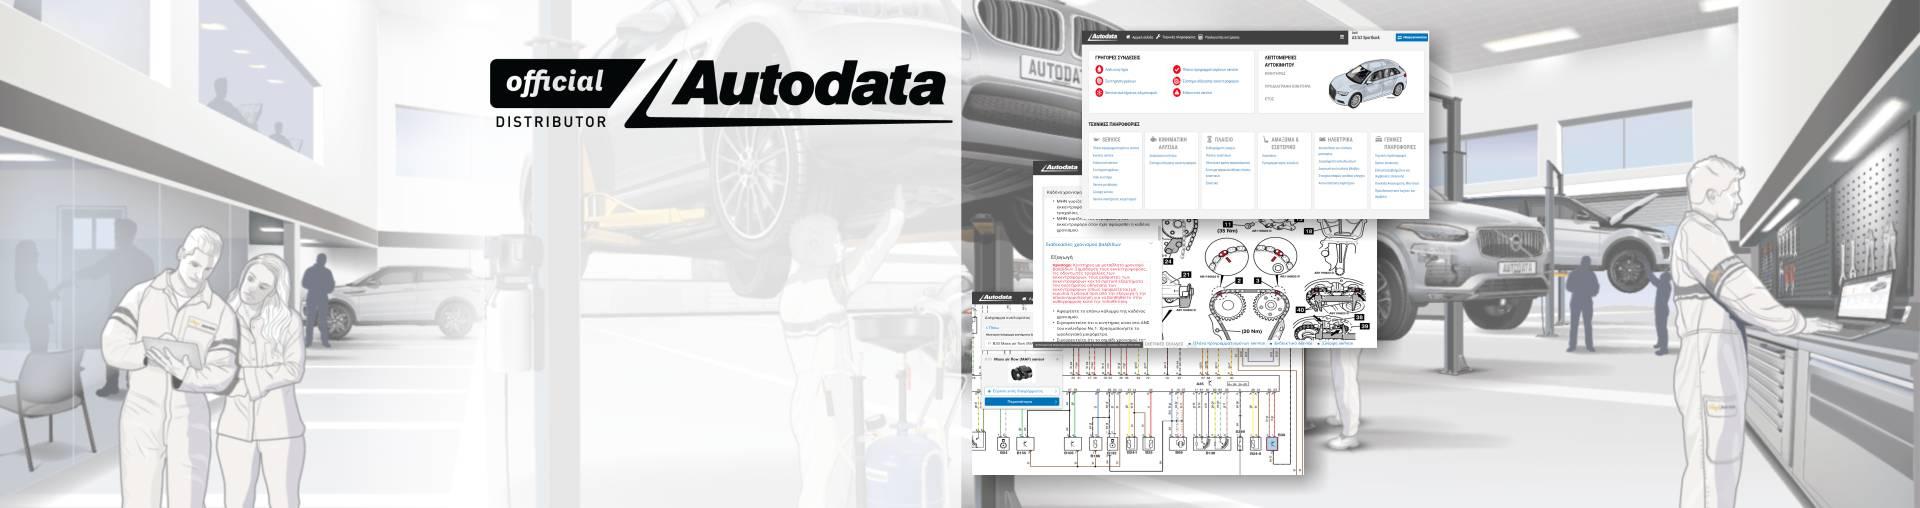 bg-slider-autodata-2